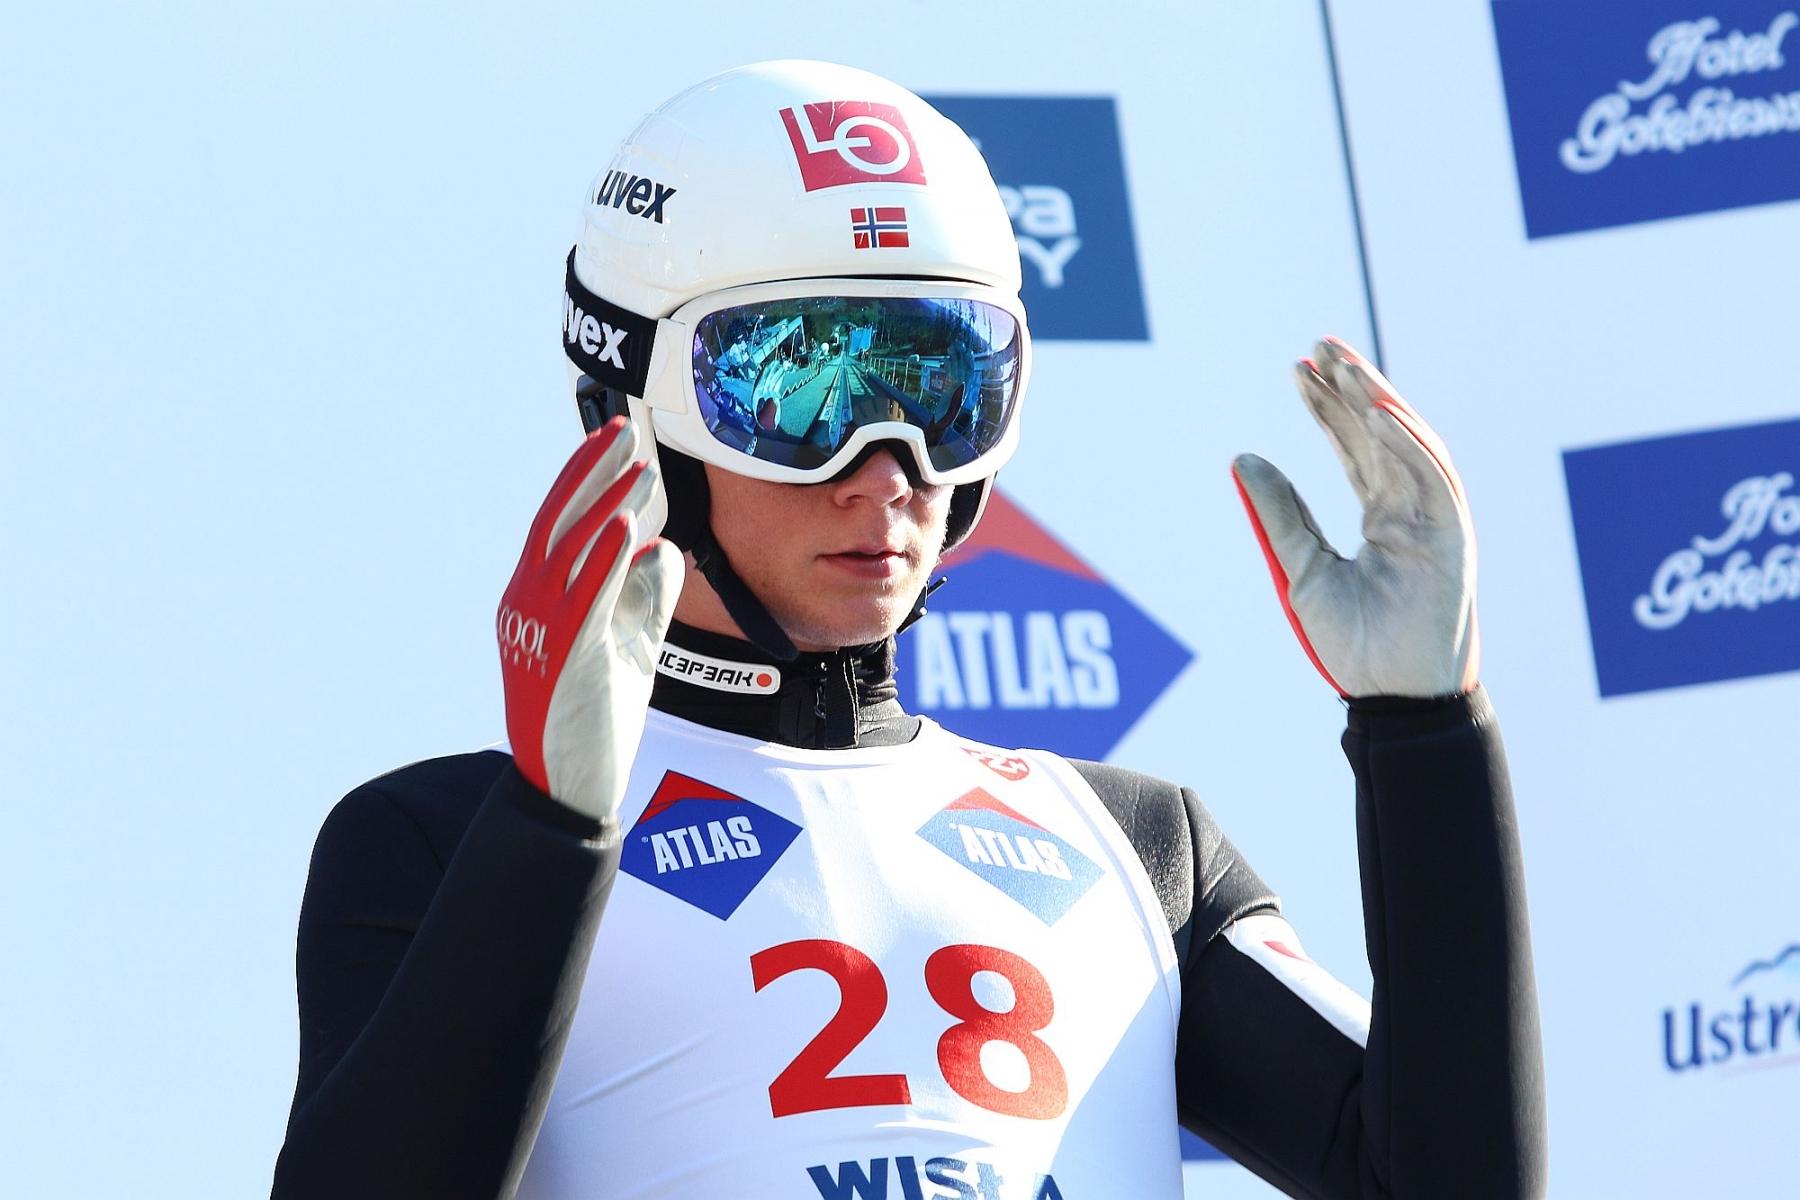 LGP Wisla 2020 treningi 34 - Trener Stöckl zdecydował. Znamy norweską szóstkę na mistrzostwa świata